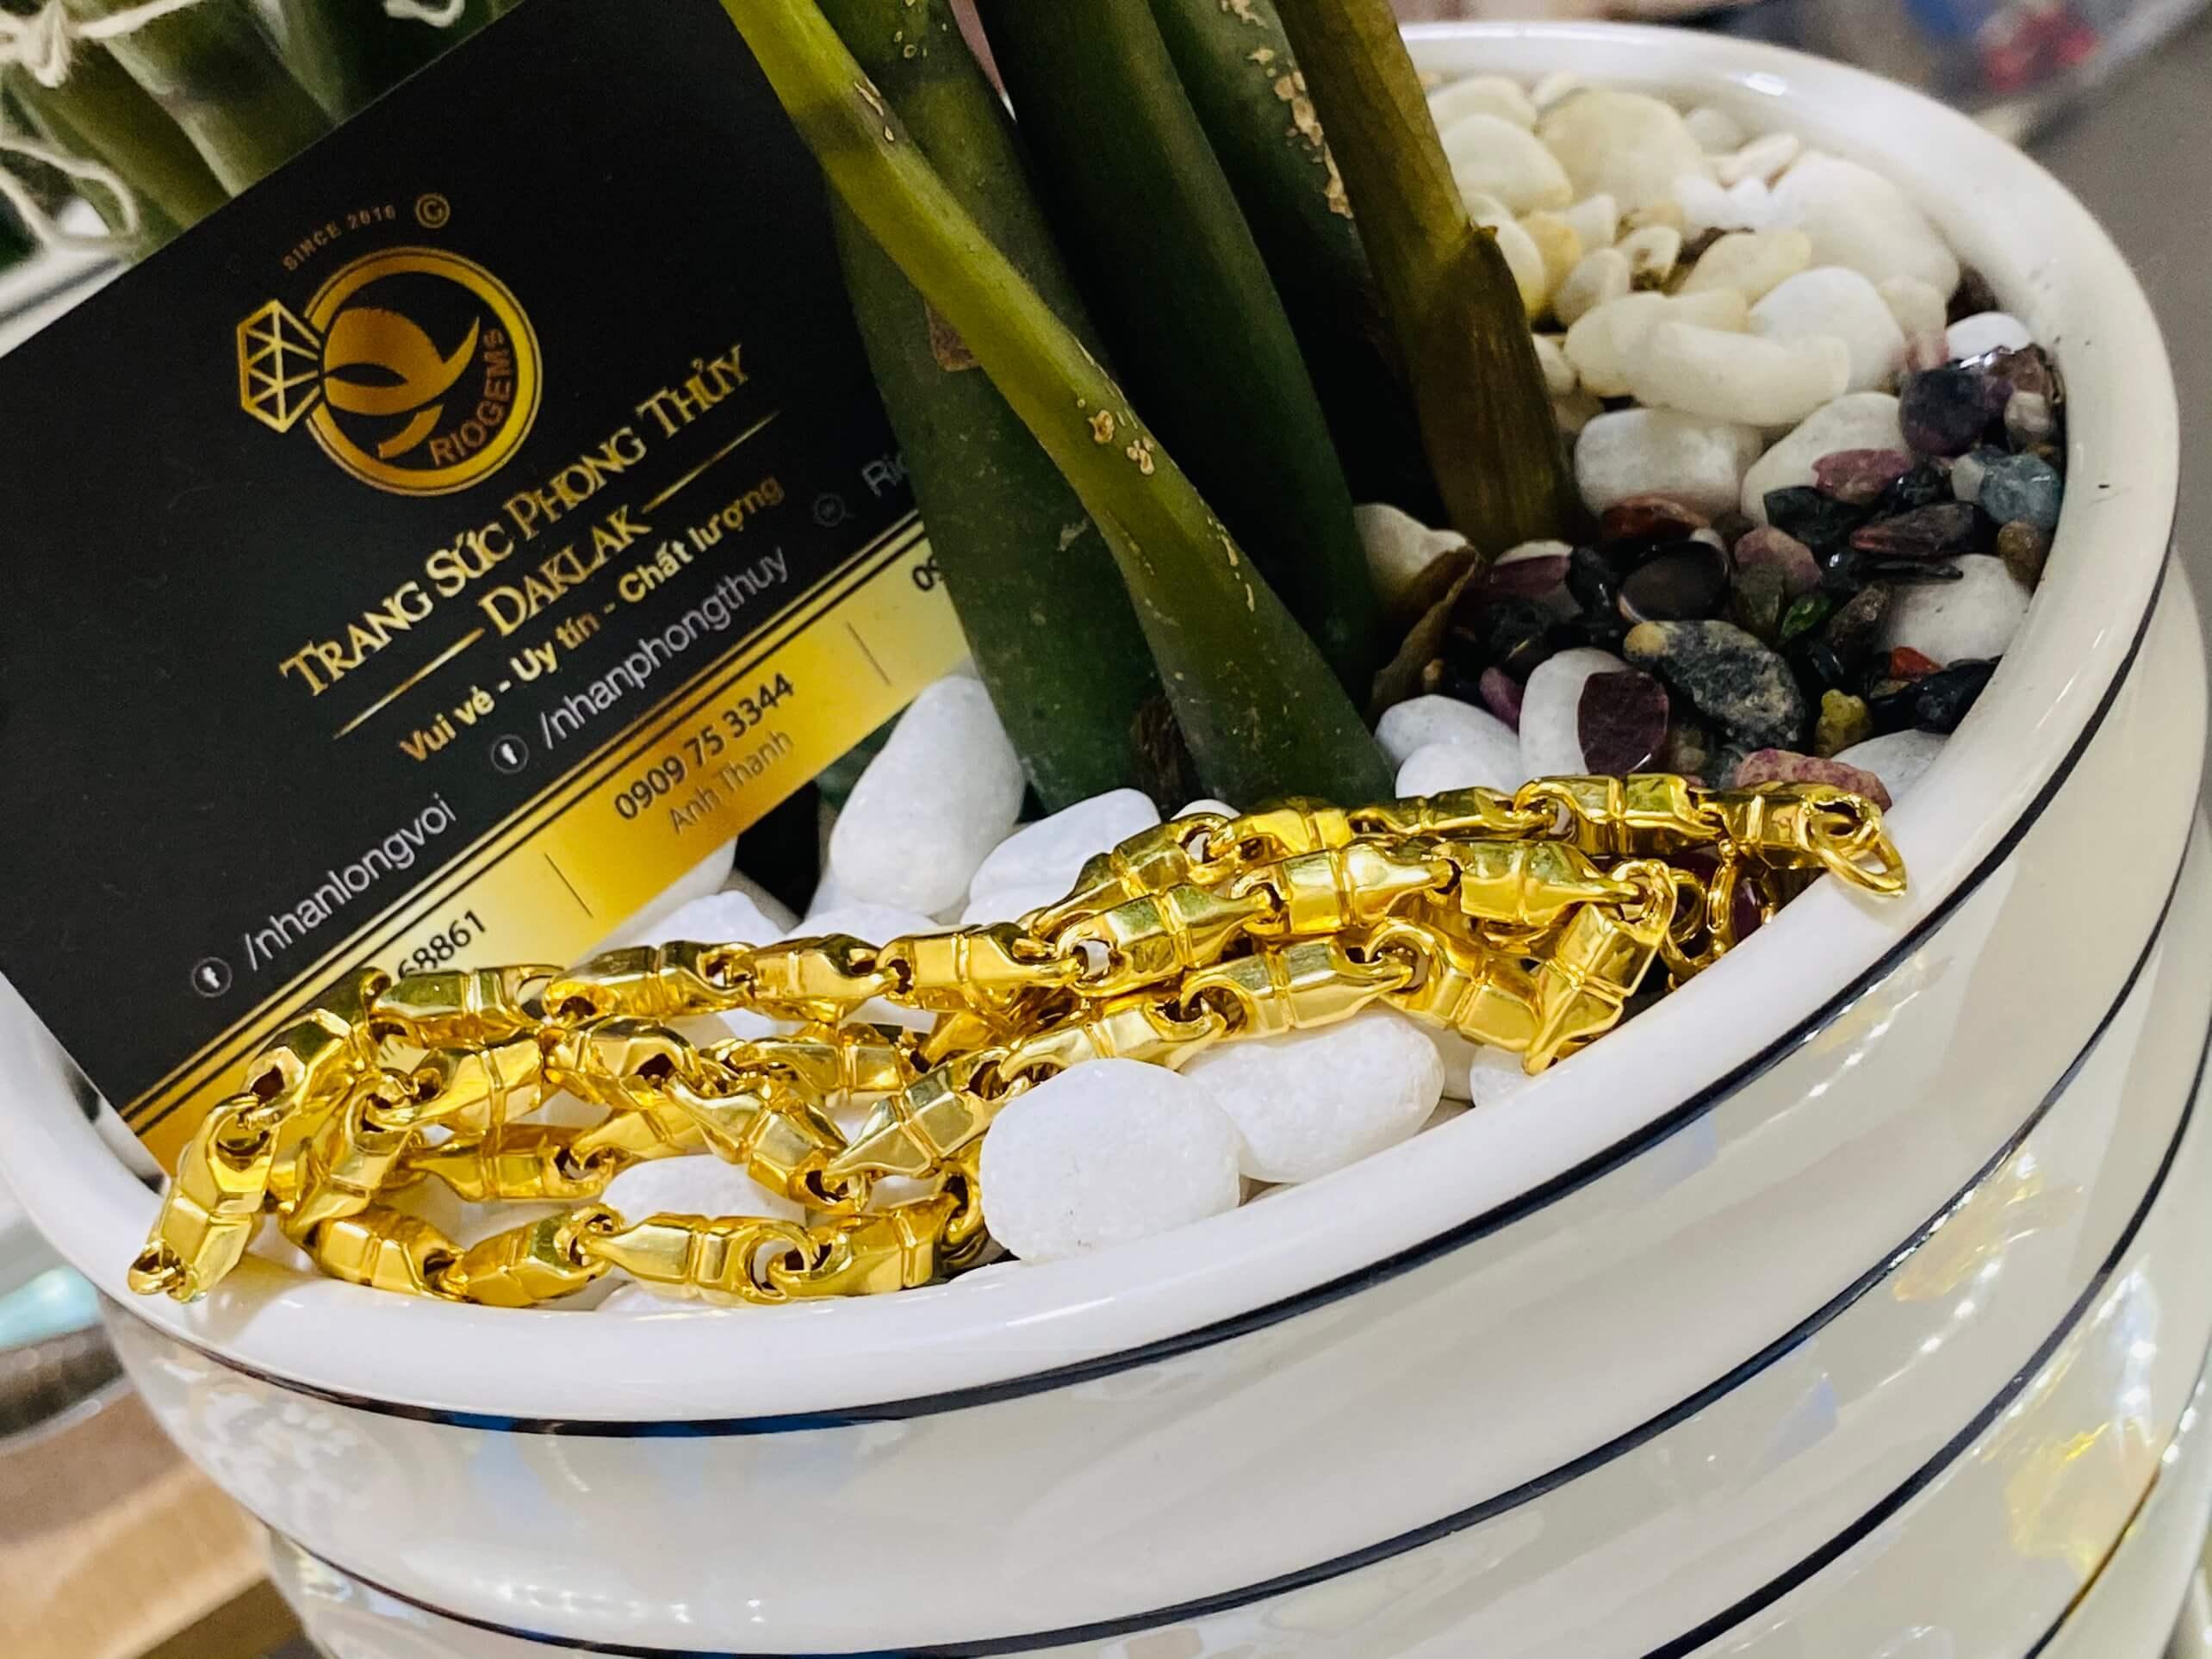 Dây chuyền xích vàng được làm từ vàng 18k610 cao cấp